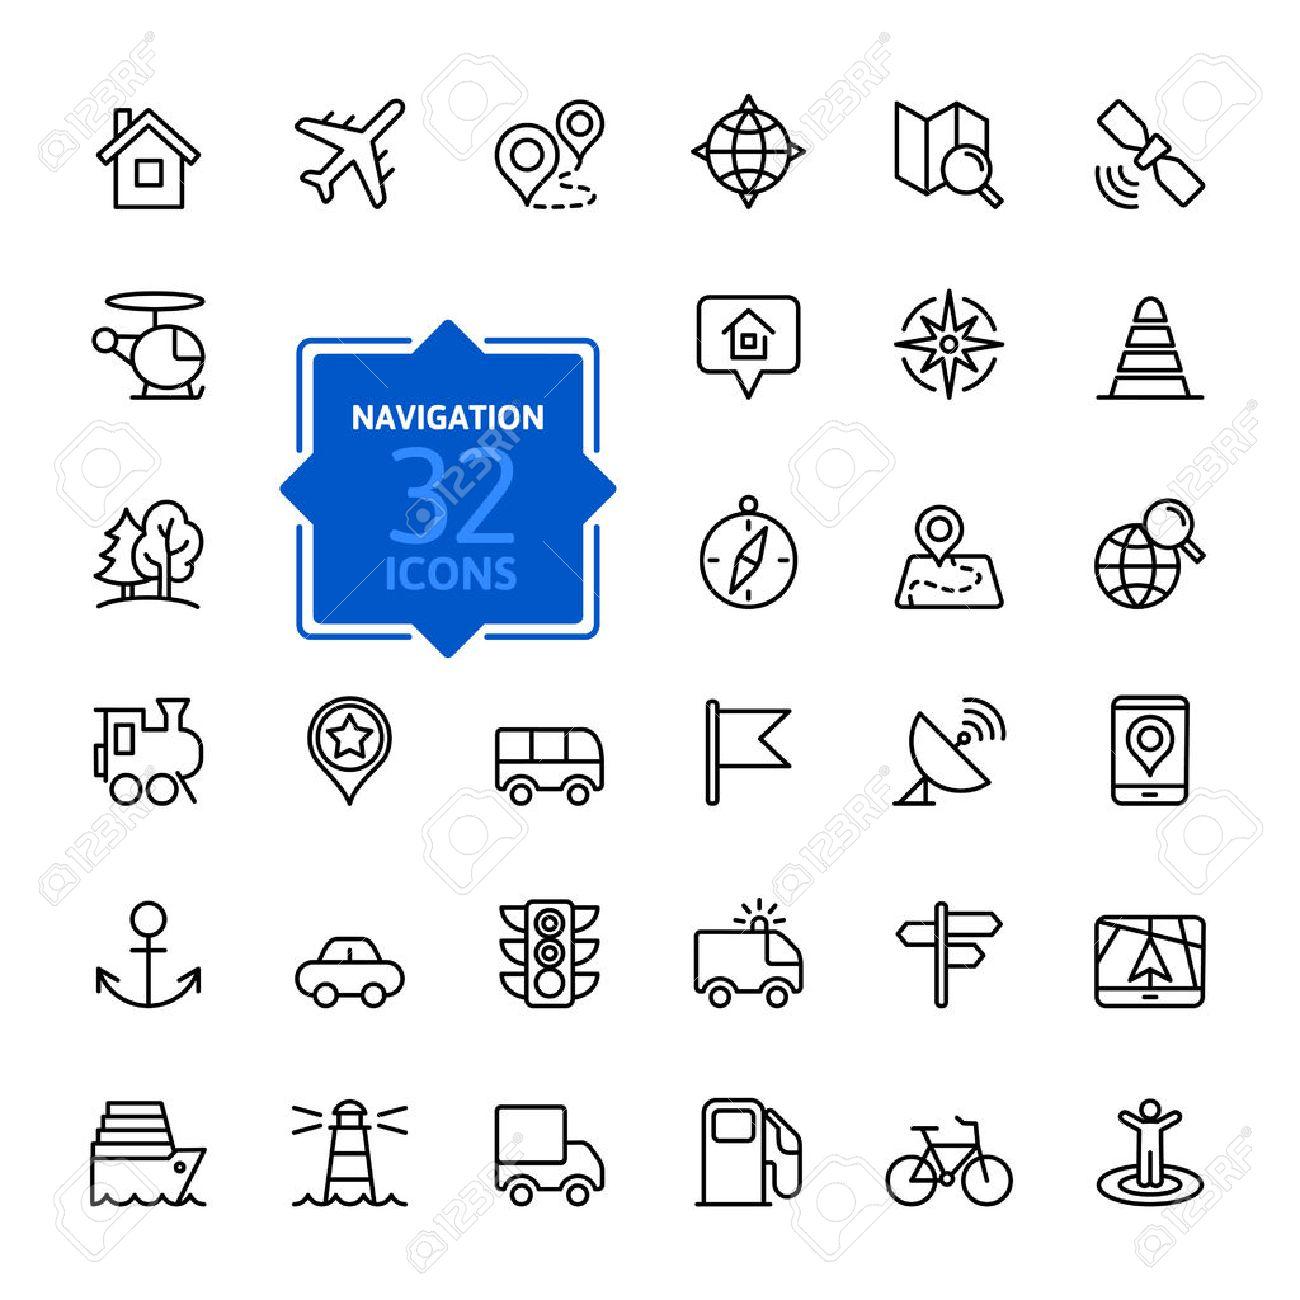 Outline web icons set - navigation, location, transportation - 39328581